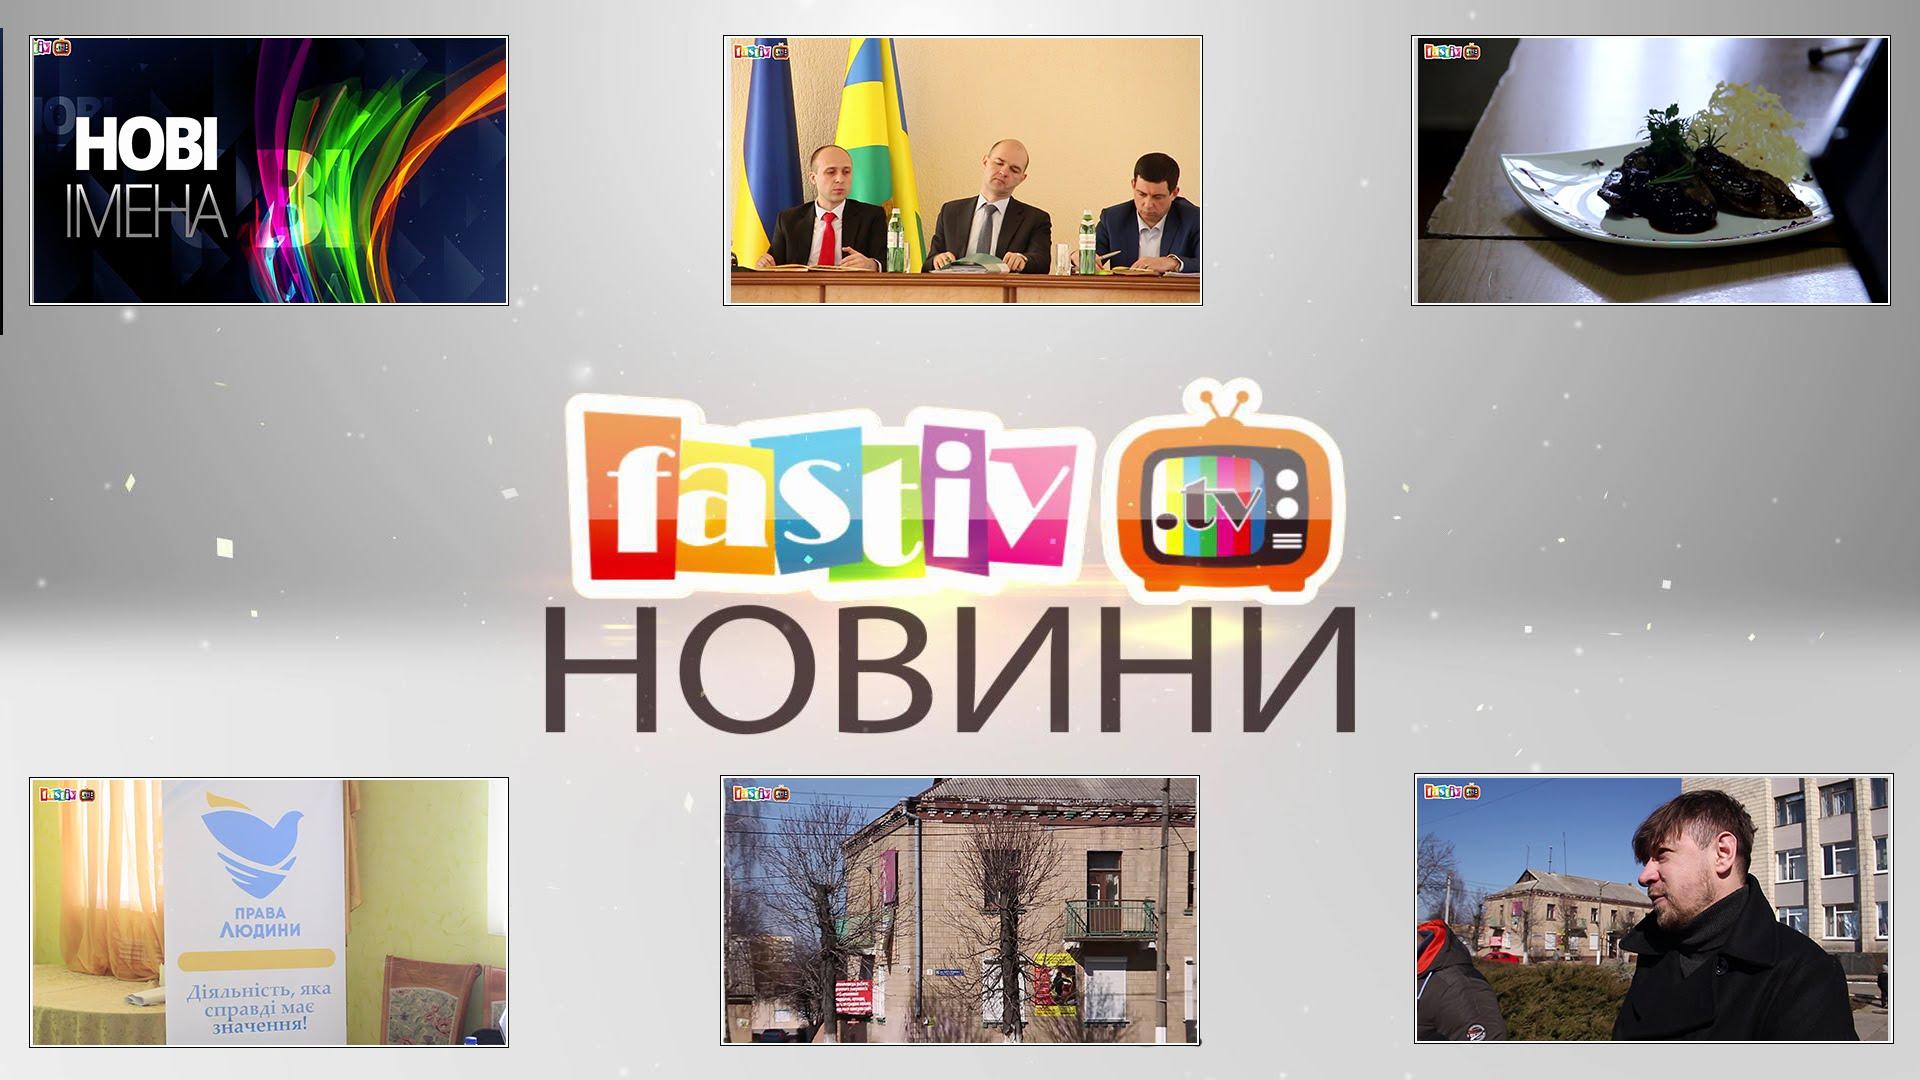 Тижневі підсумки новин від FASTIV.TV 07.04.2016